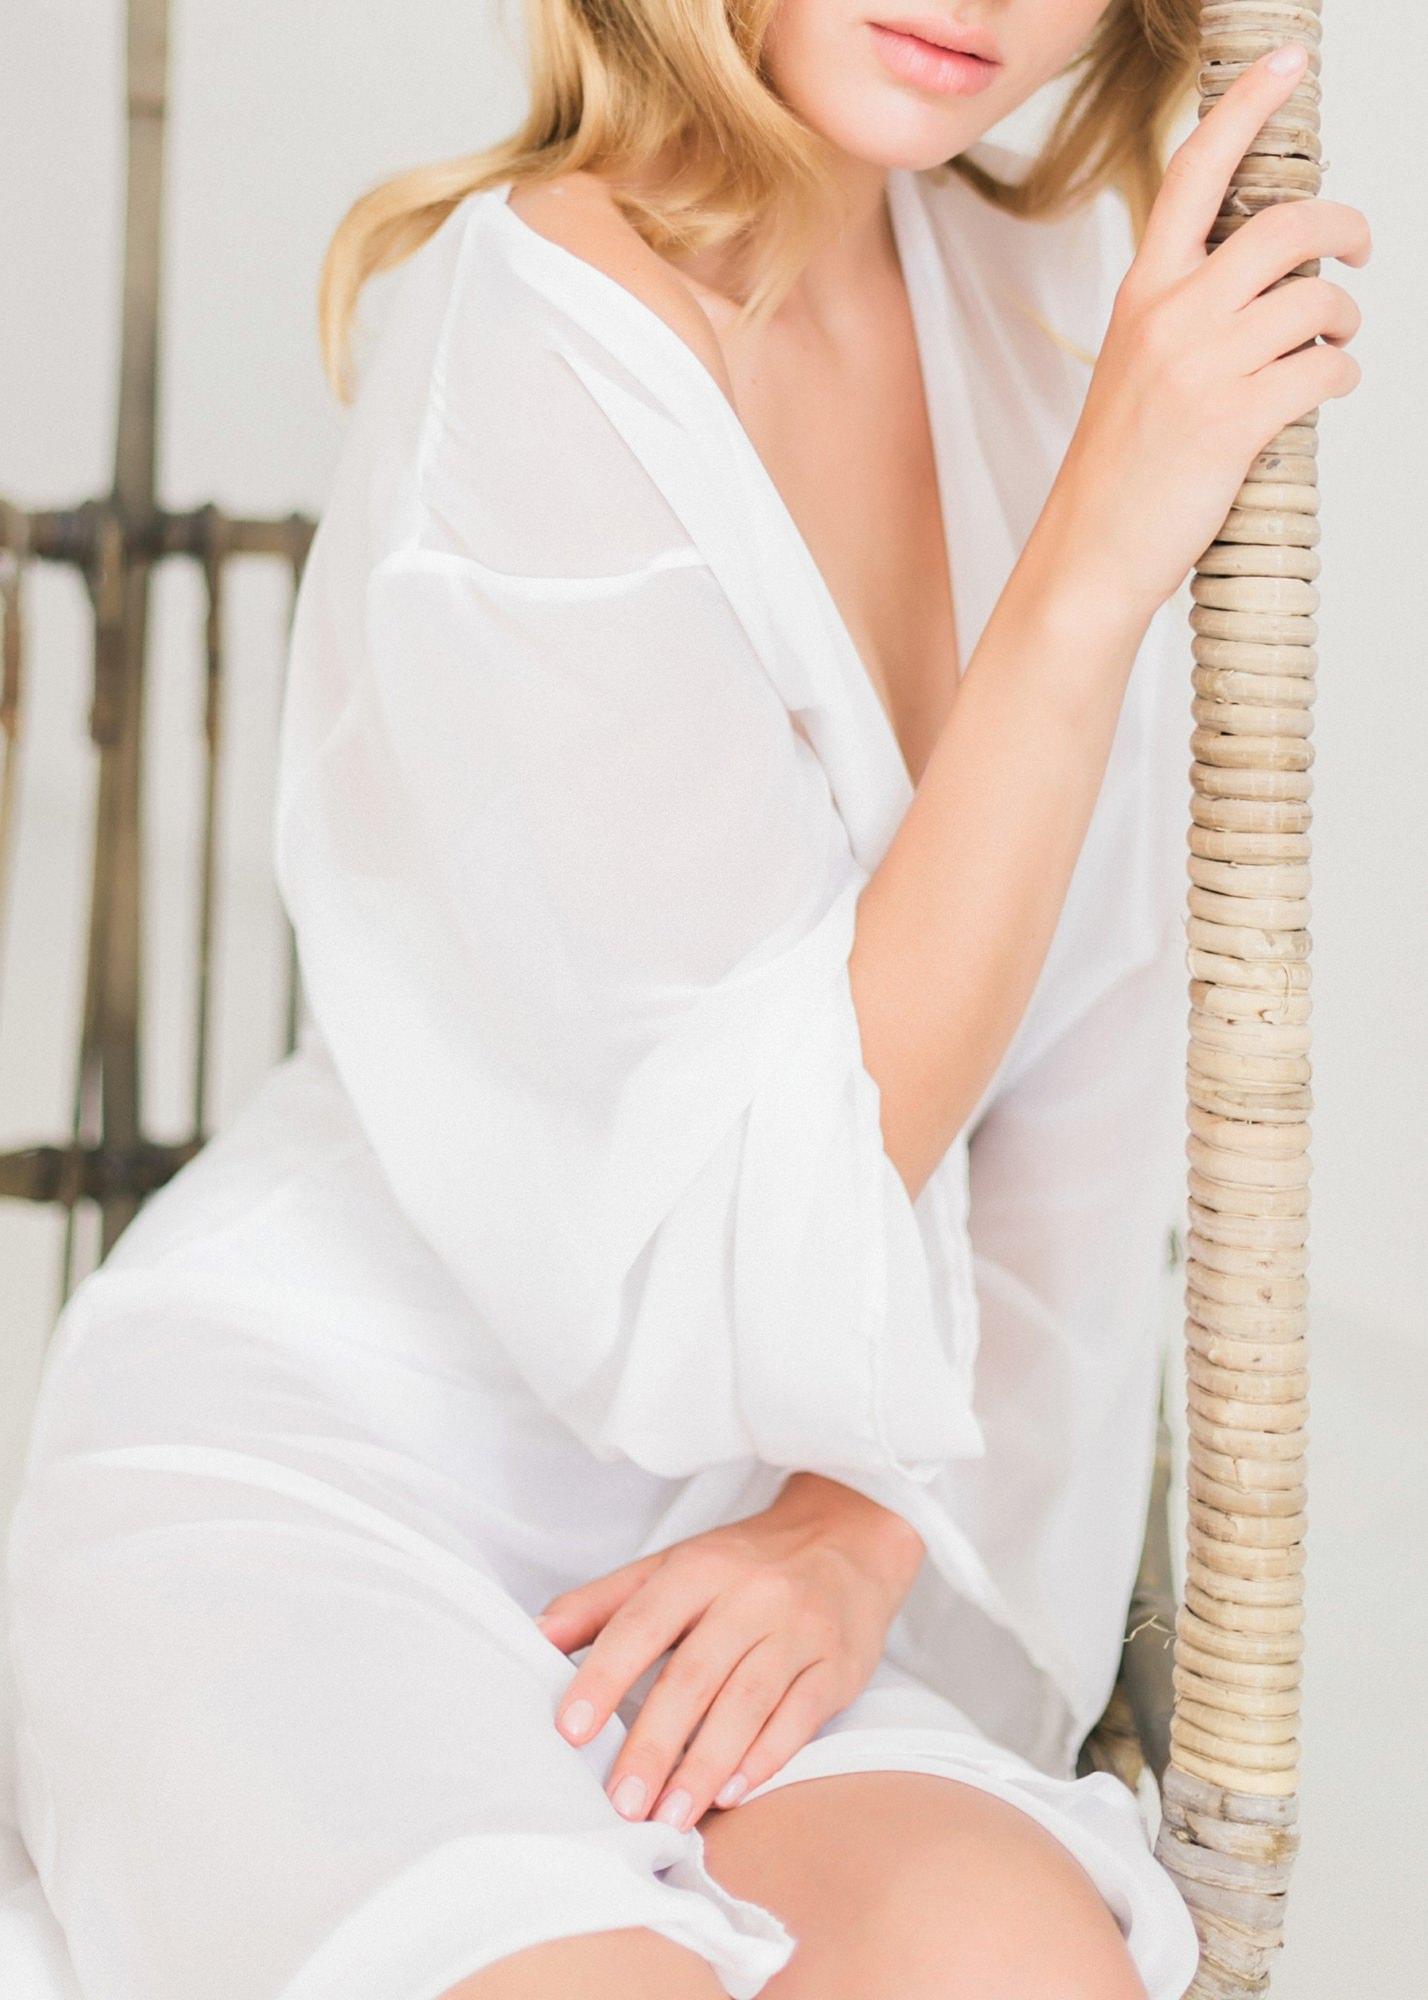 52-boudoir-santorini-wedding-photographer-greece-v